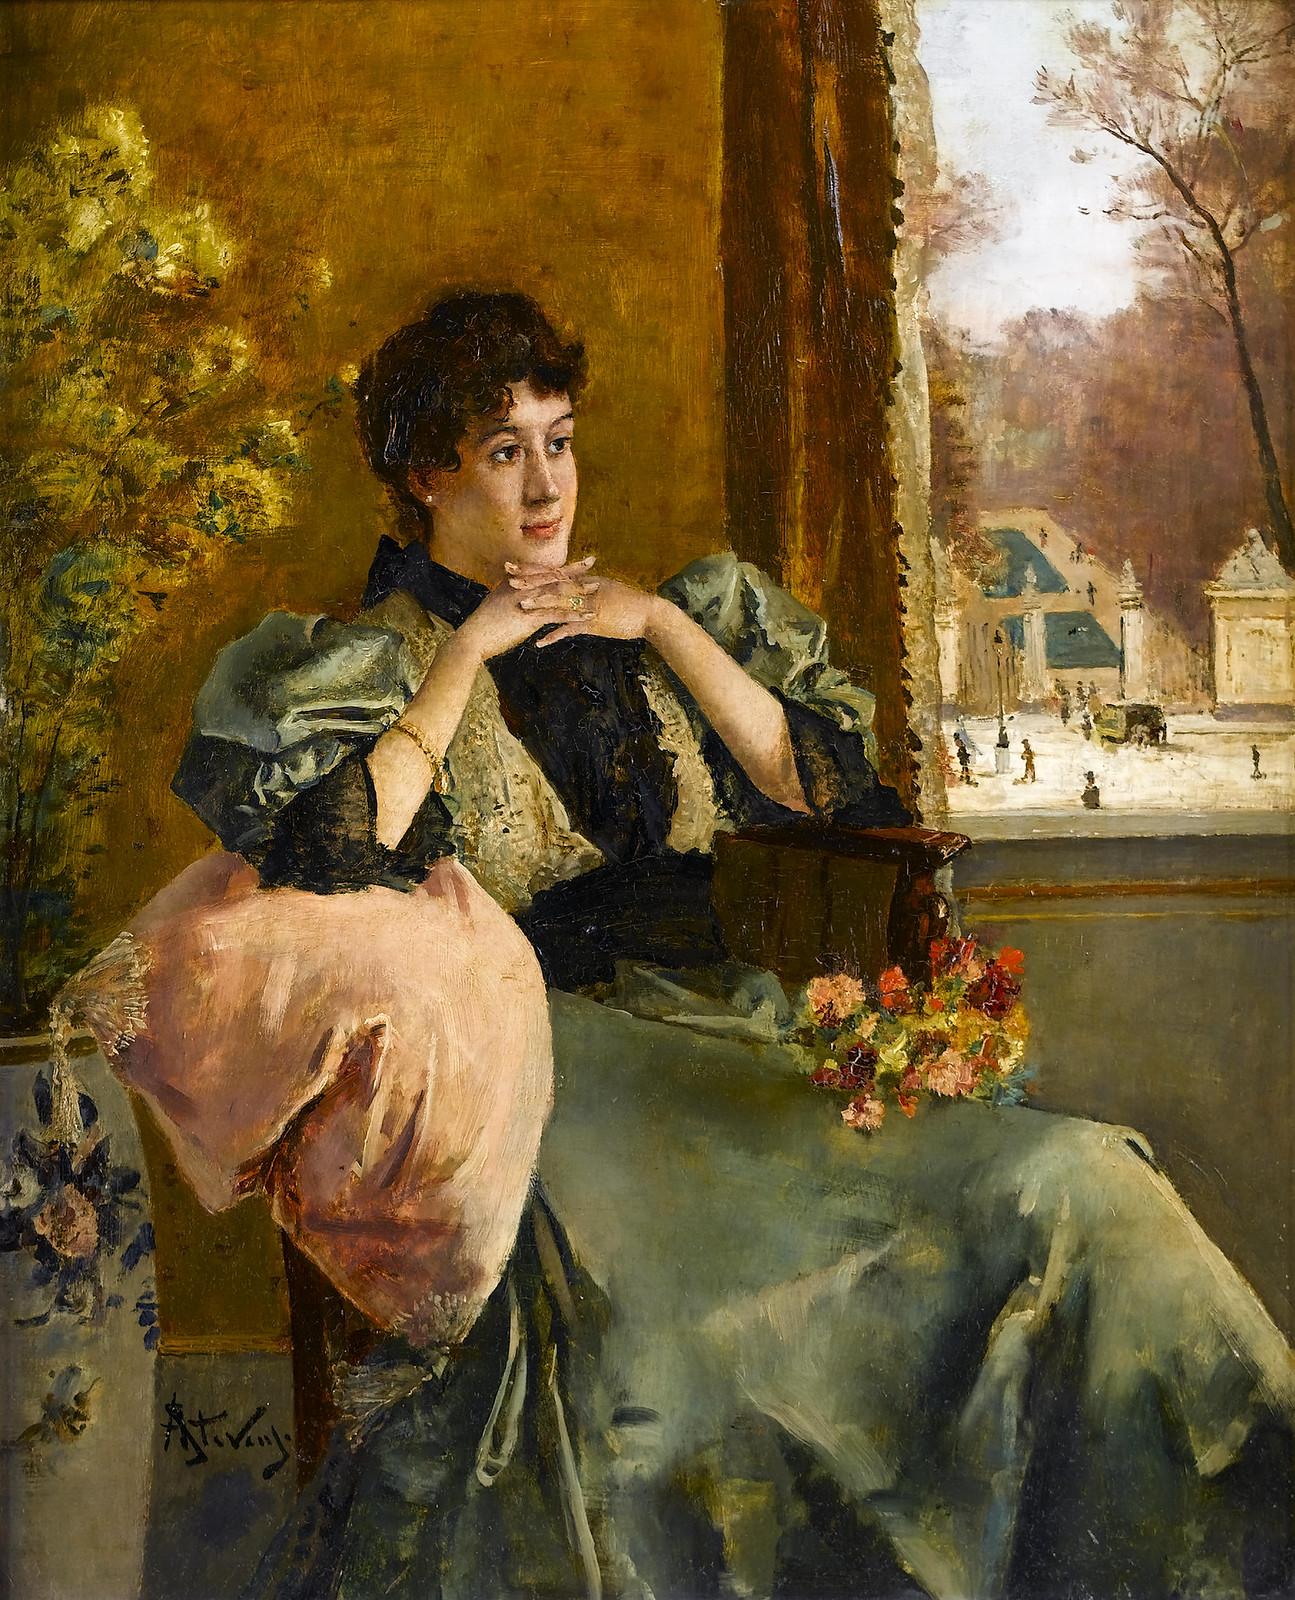 Pensive Woman Near a Window by Alfred Stevens, 1823-1906